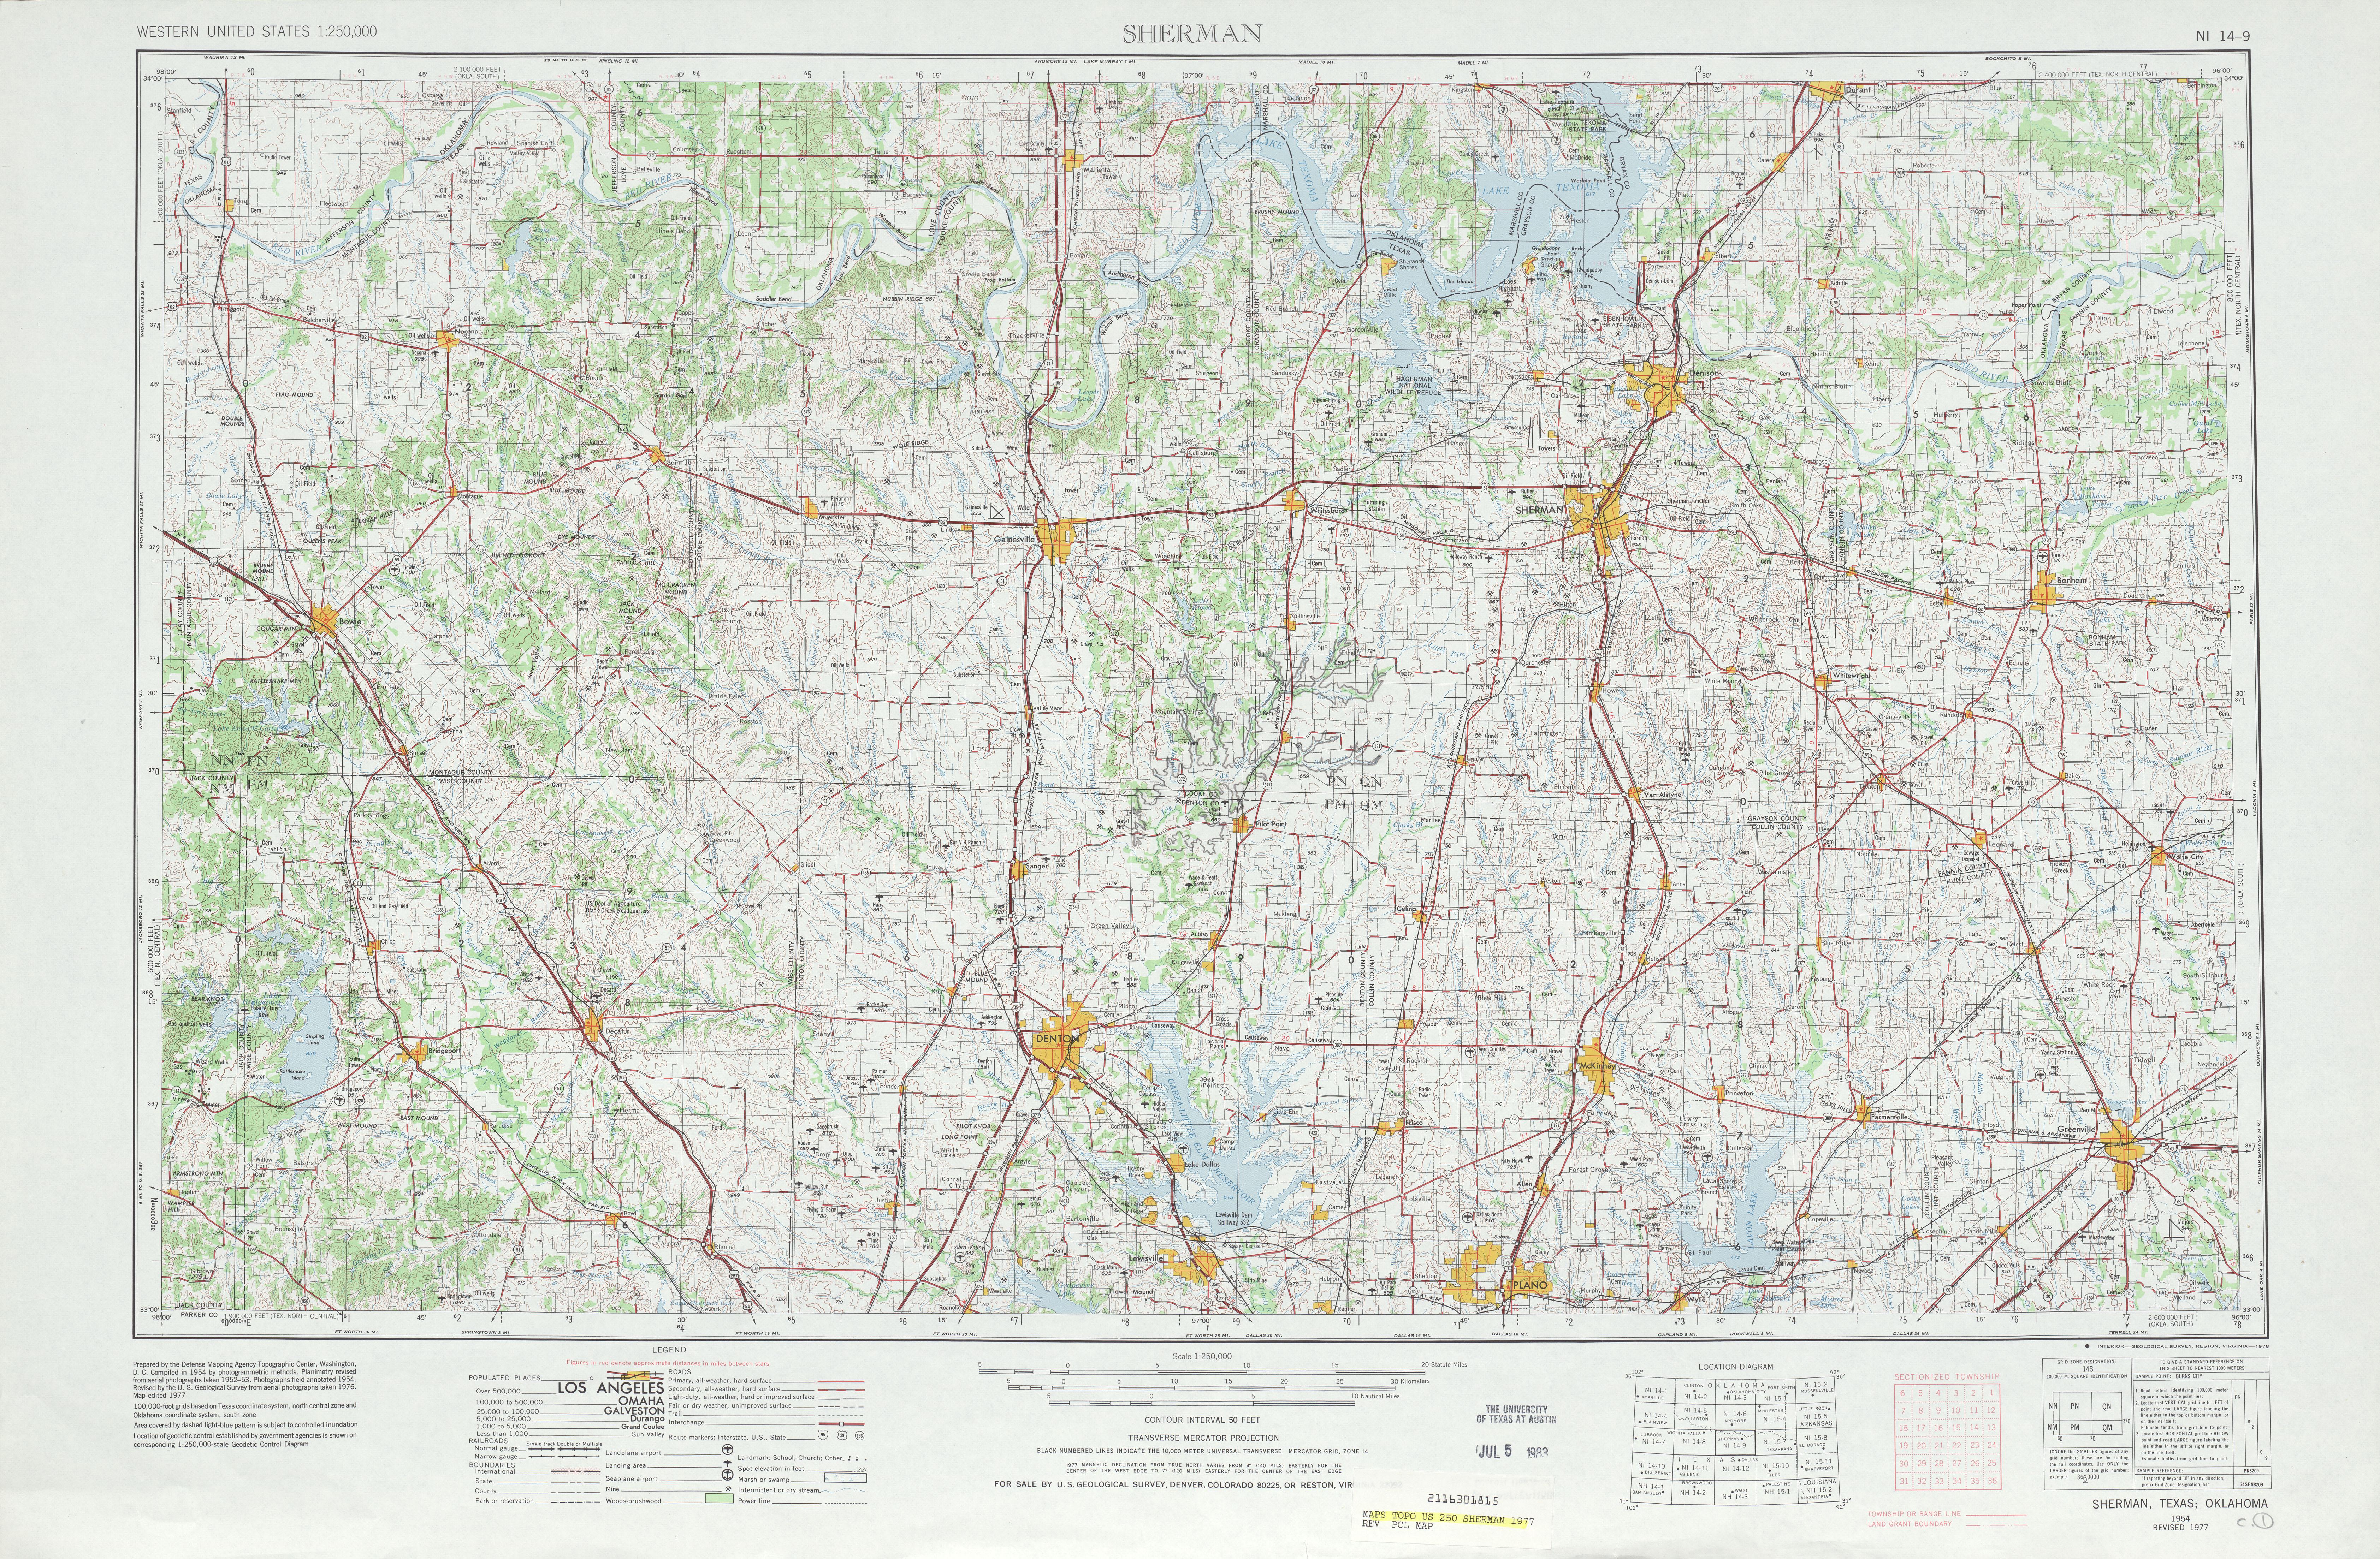 Hoja Sherman del Mapa Topográfico de los Estados Unidos 1977